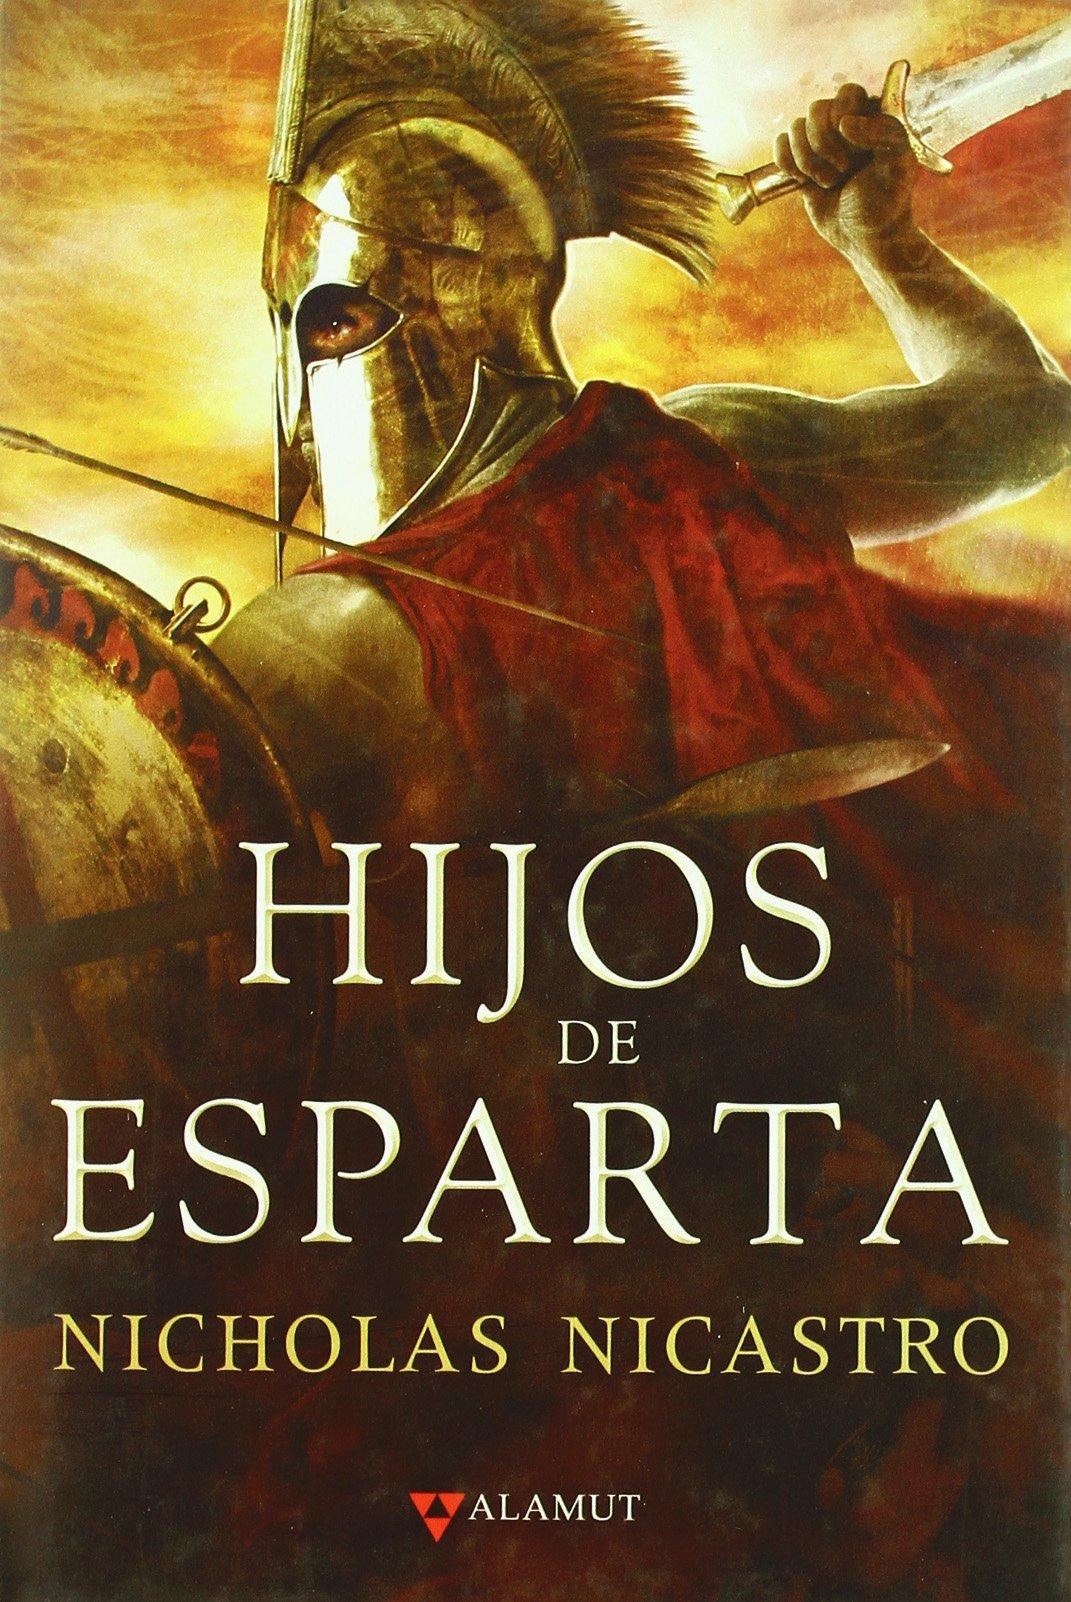 Hijos de Esparta (Alamut Serie Histórica): Amazon.es: Nicholas Nicastro, Carlos Gardini: Libros